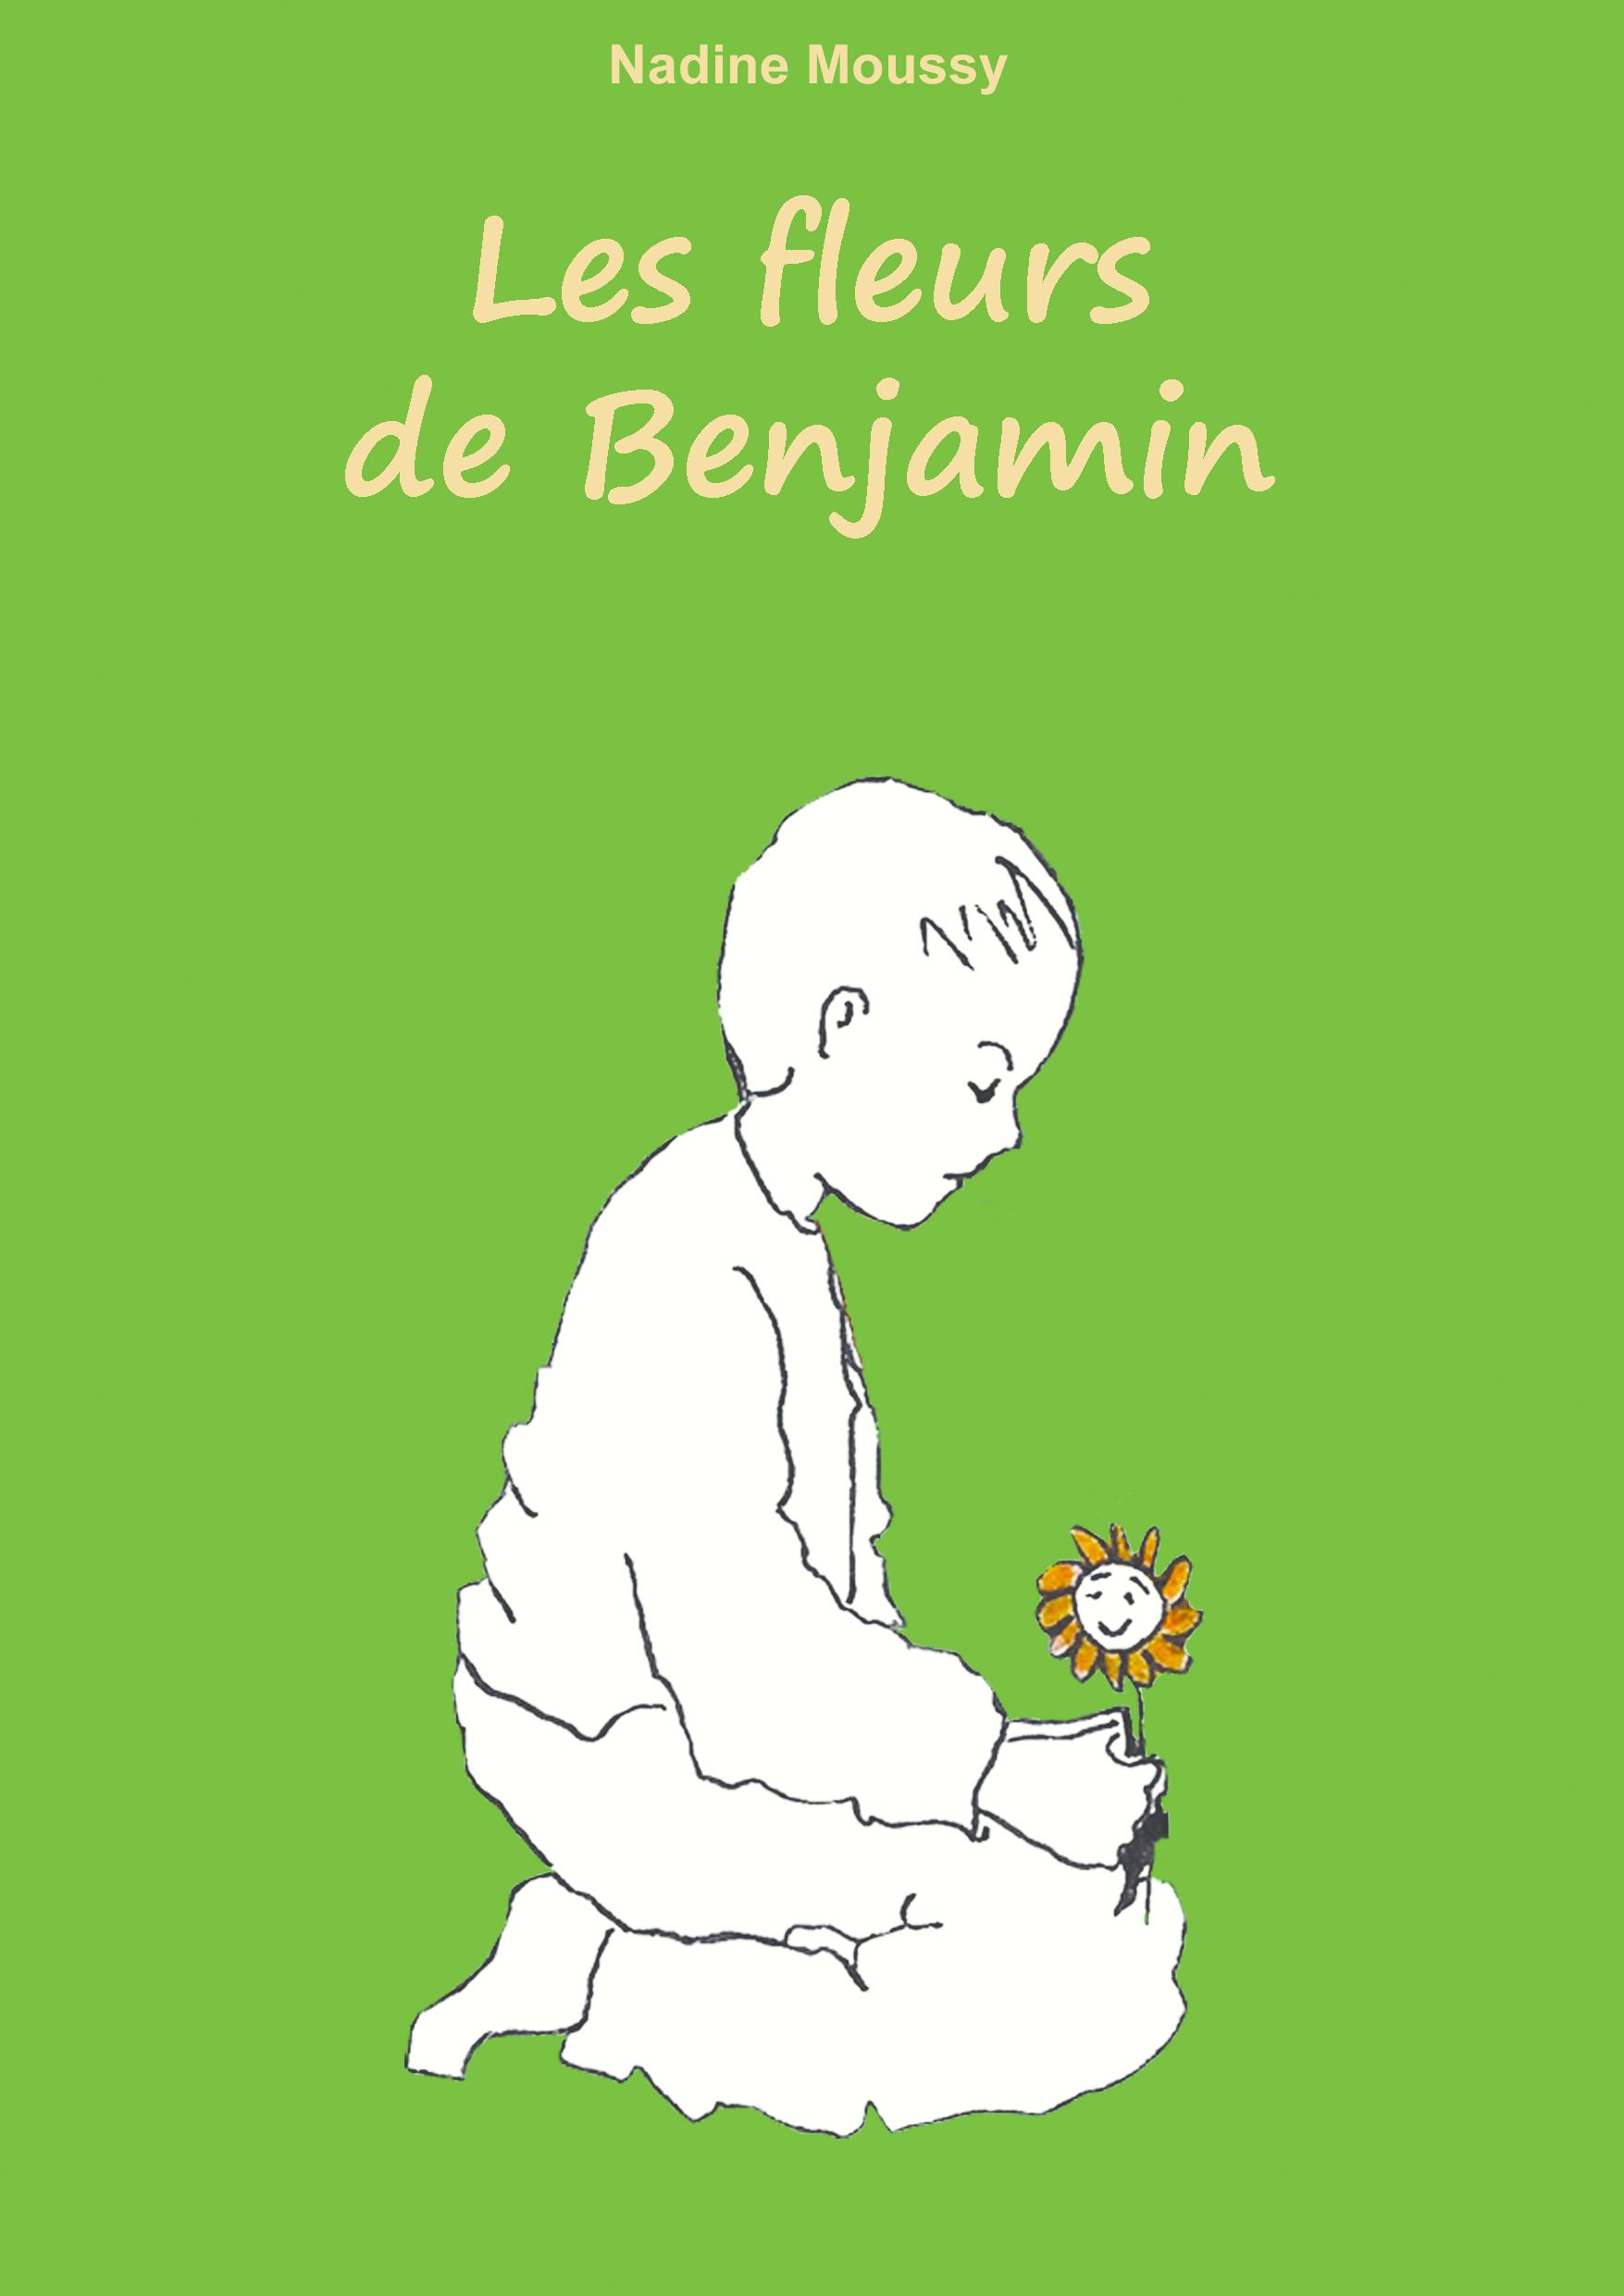 Les fleurs de Benjamin